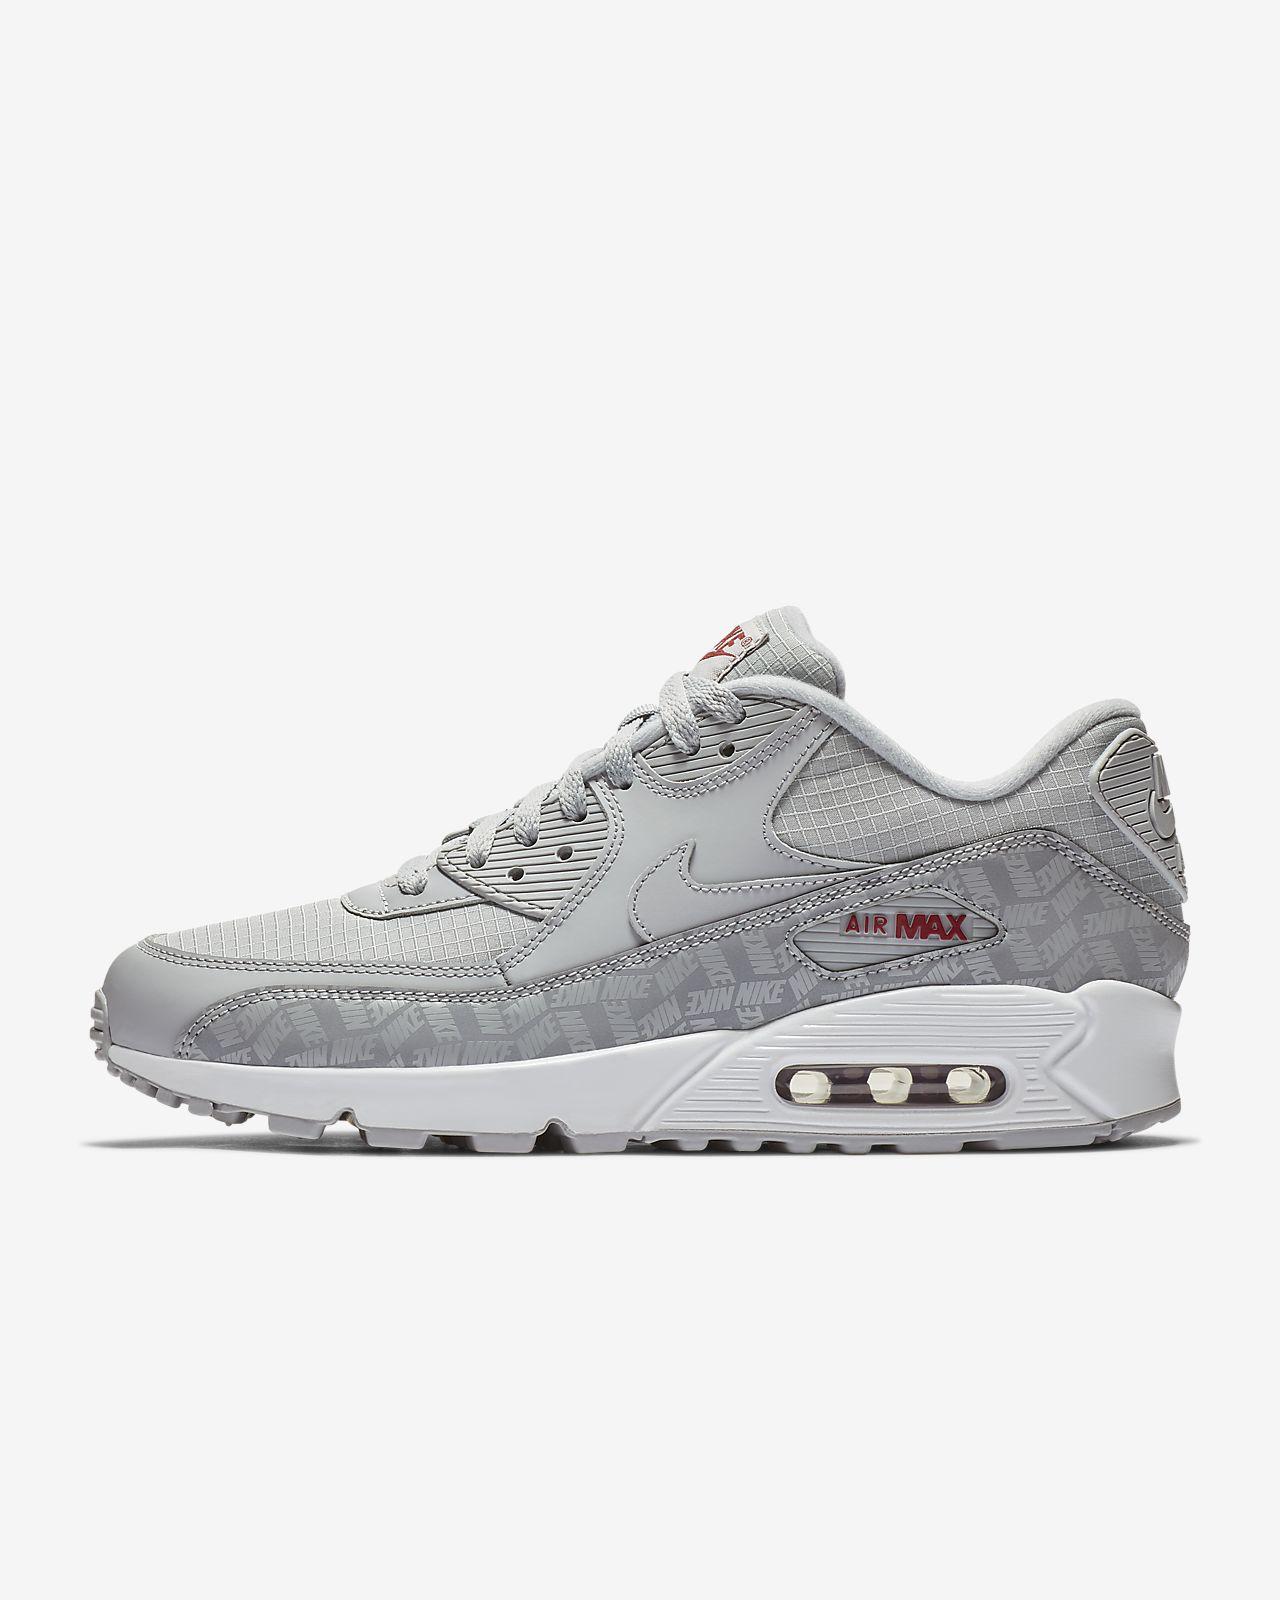 d530c578a087 ... australia nike air max 90 essential mens shoe 60ab8 0dd76